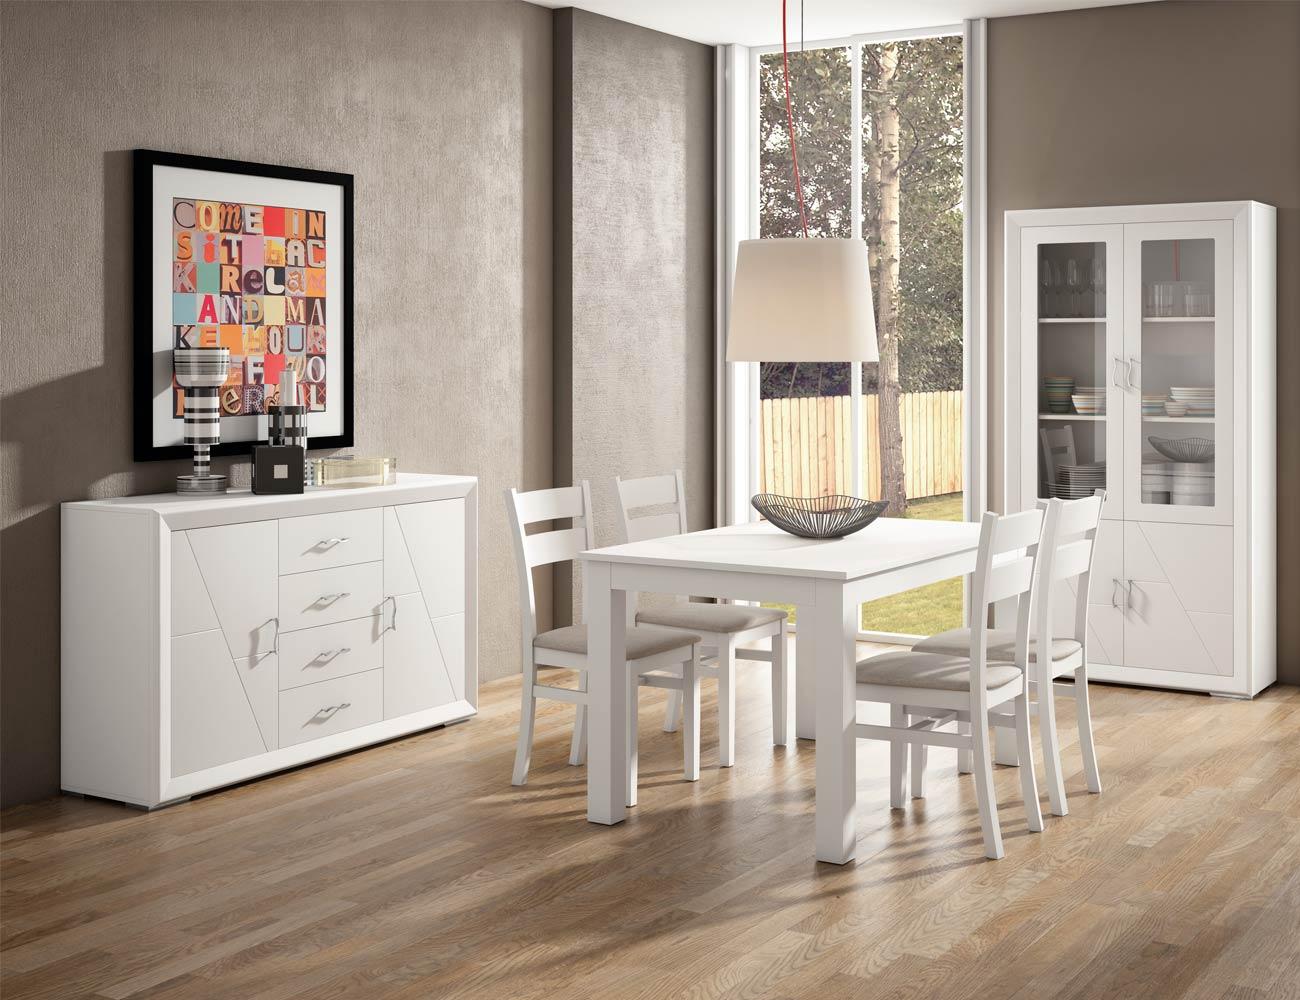 Aparador vitrina 2p silla tapizada mesa estensible madera dm lacado5